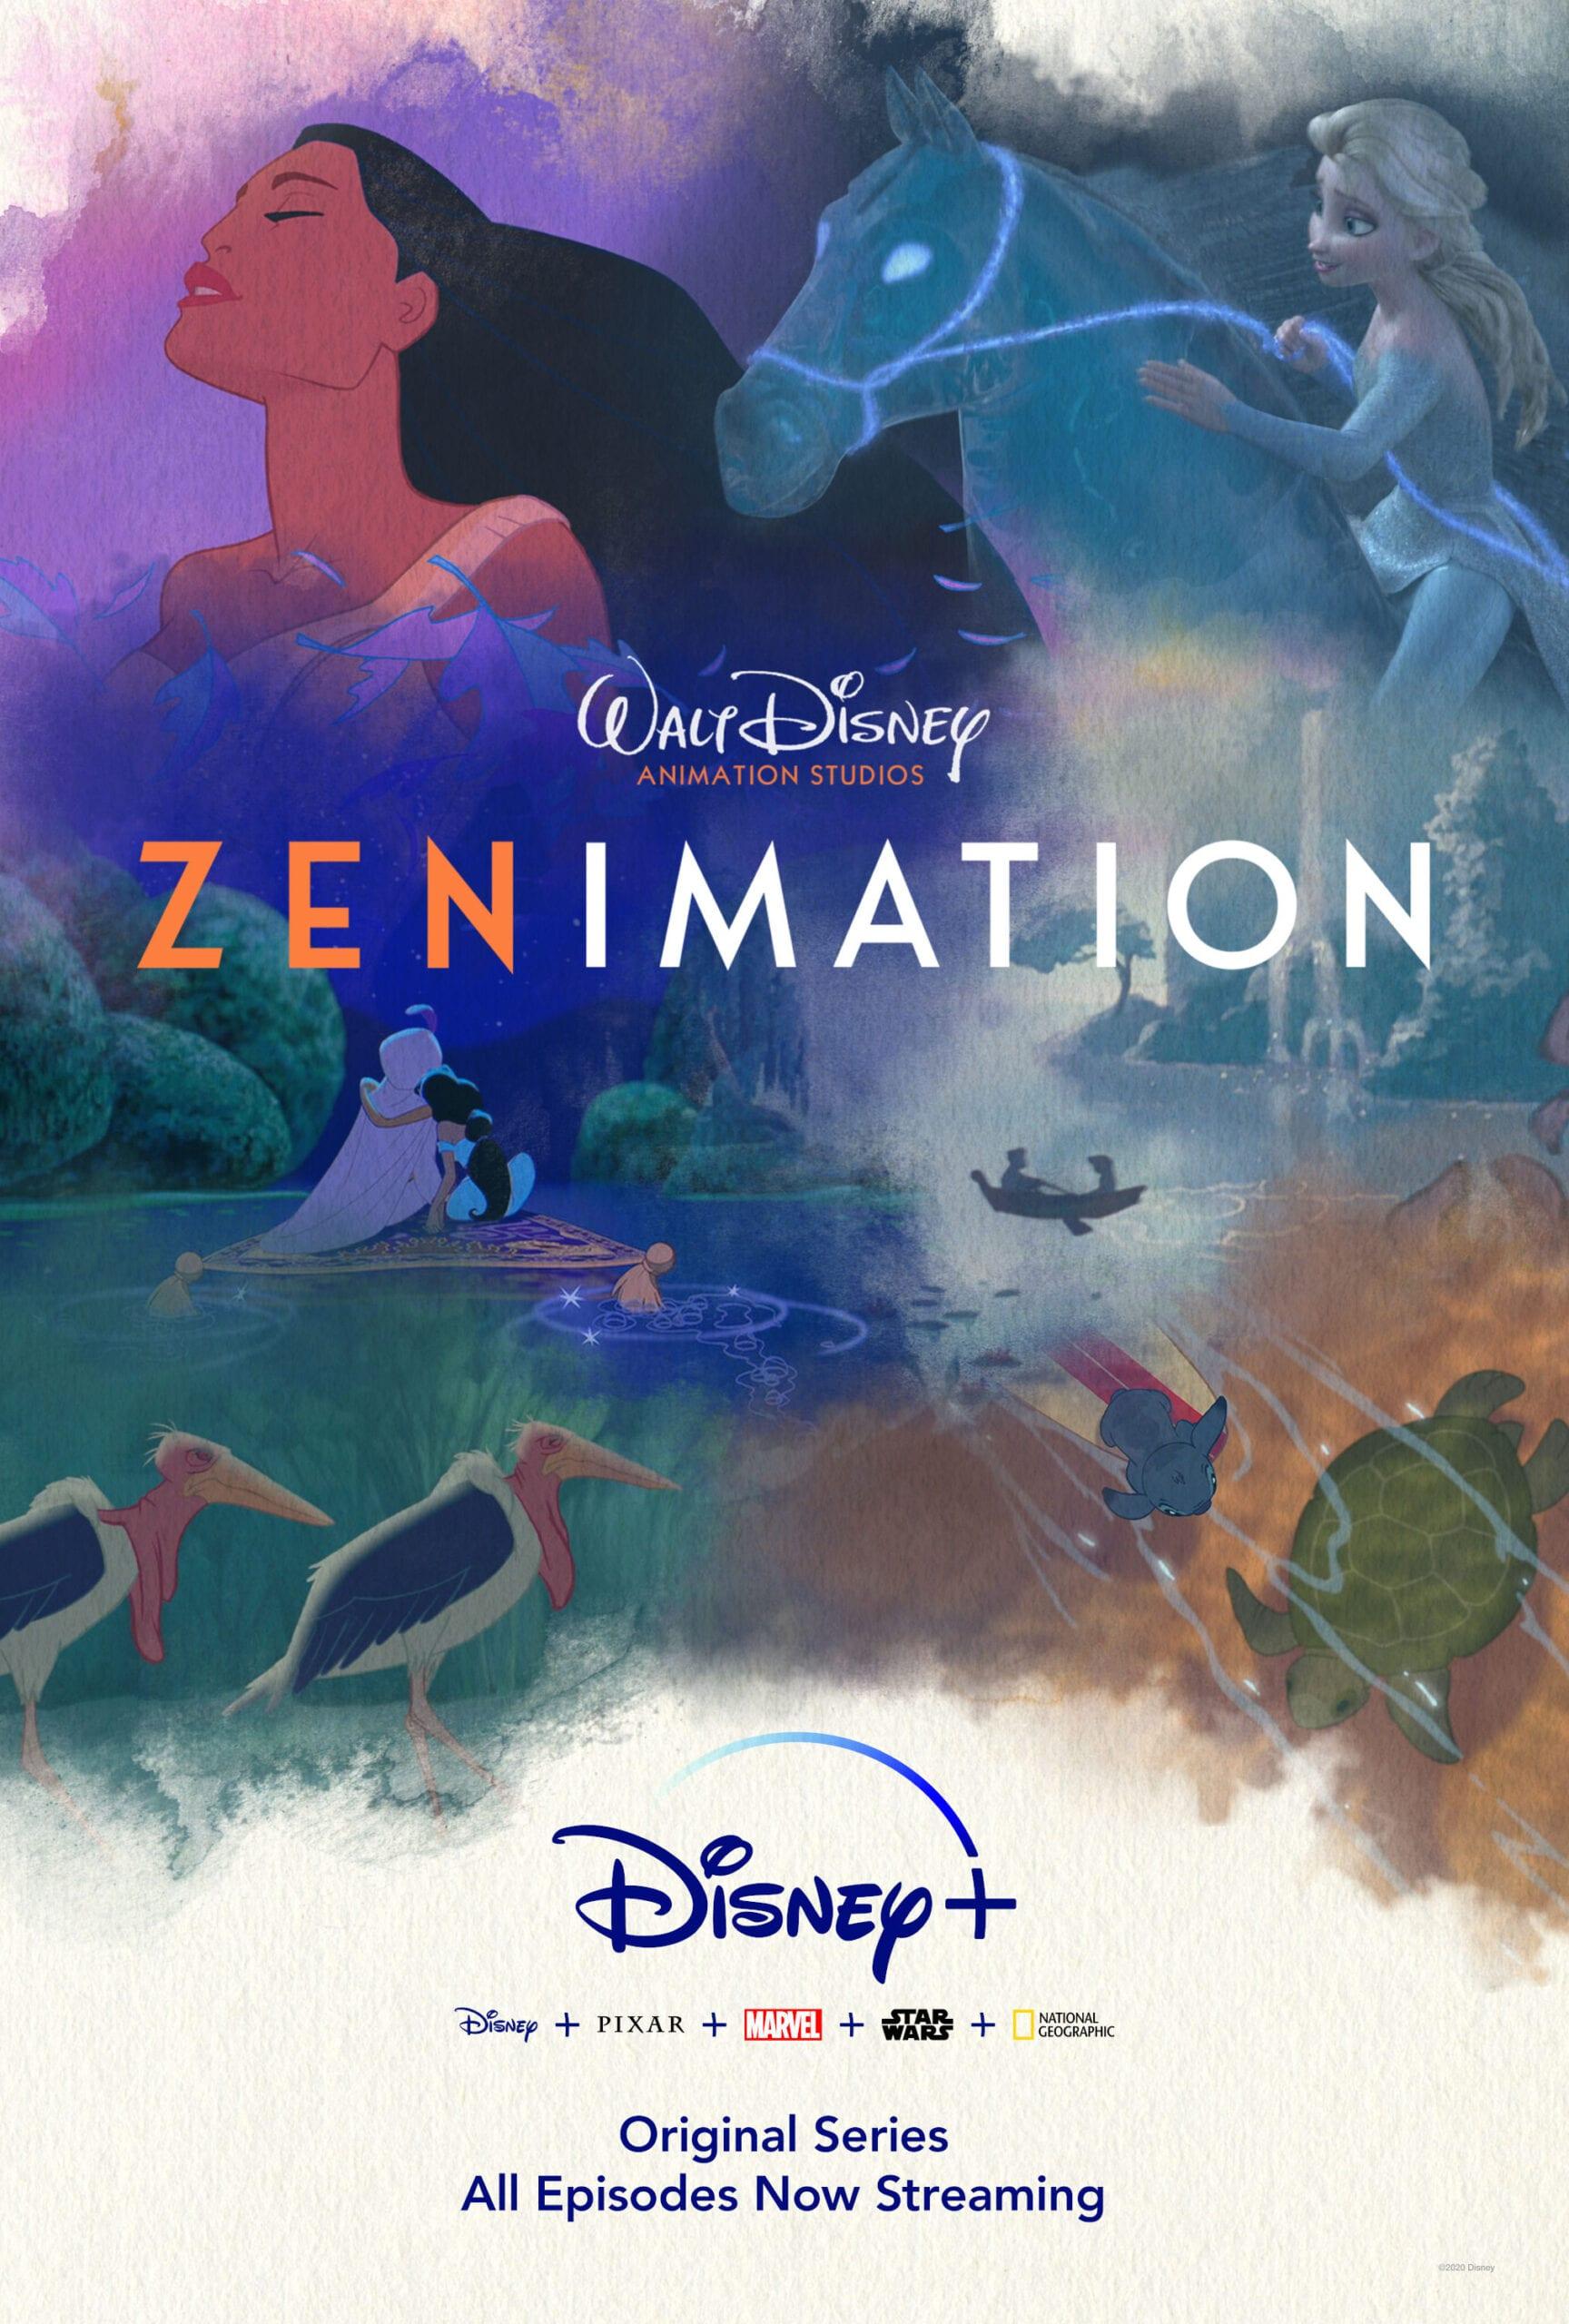 Zenimation teaser image